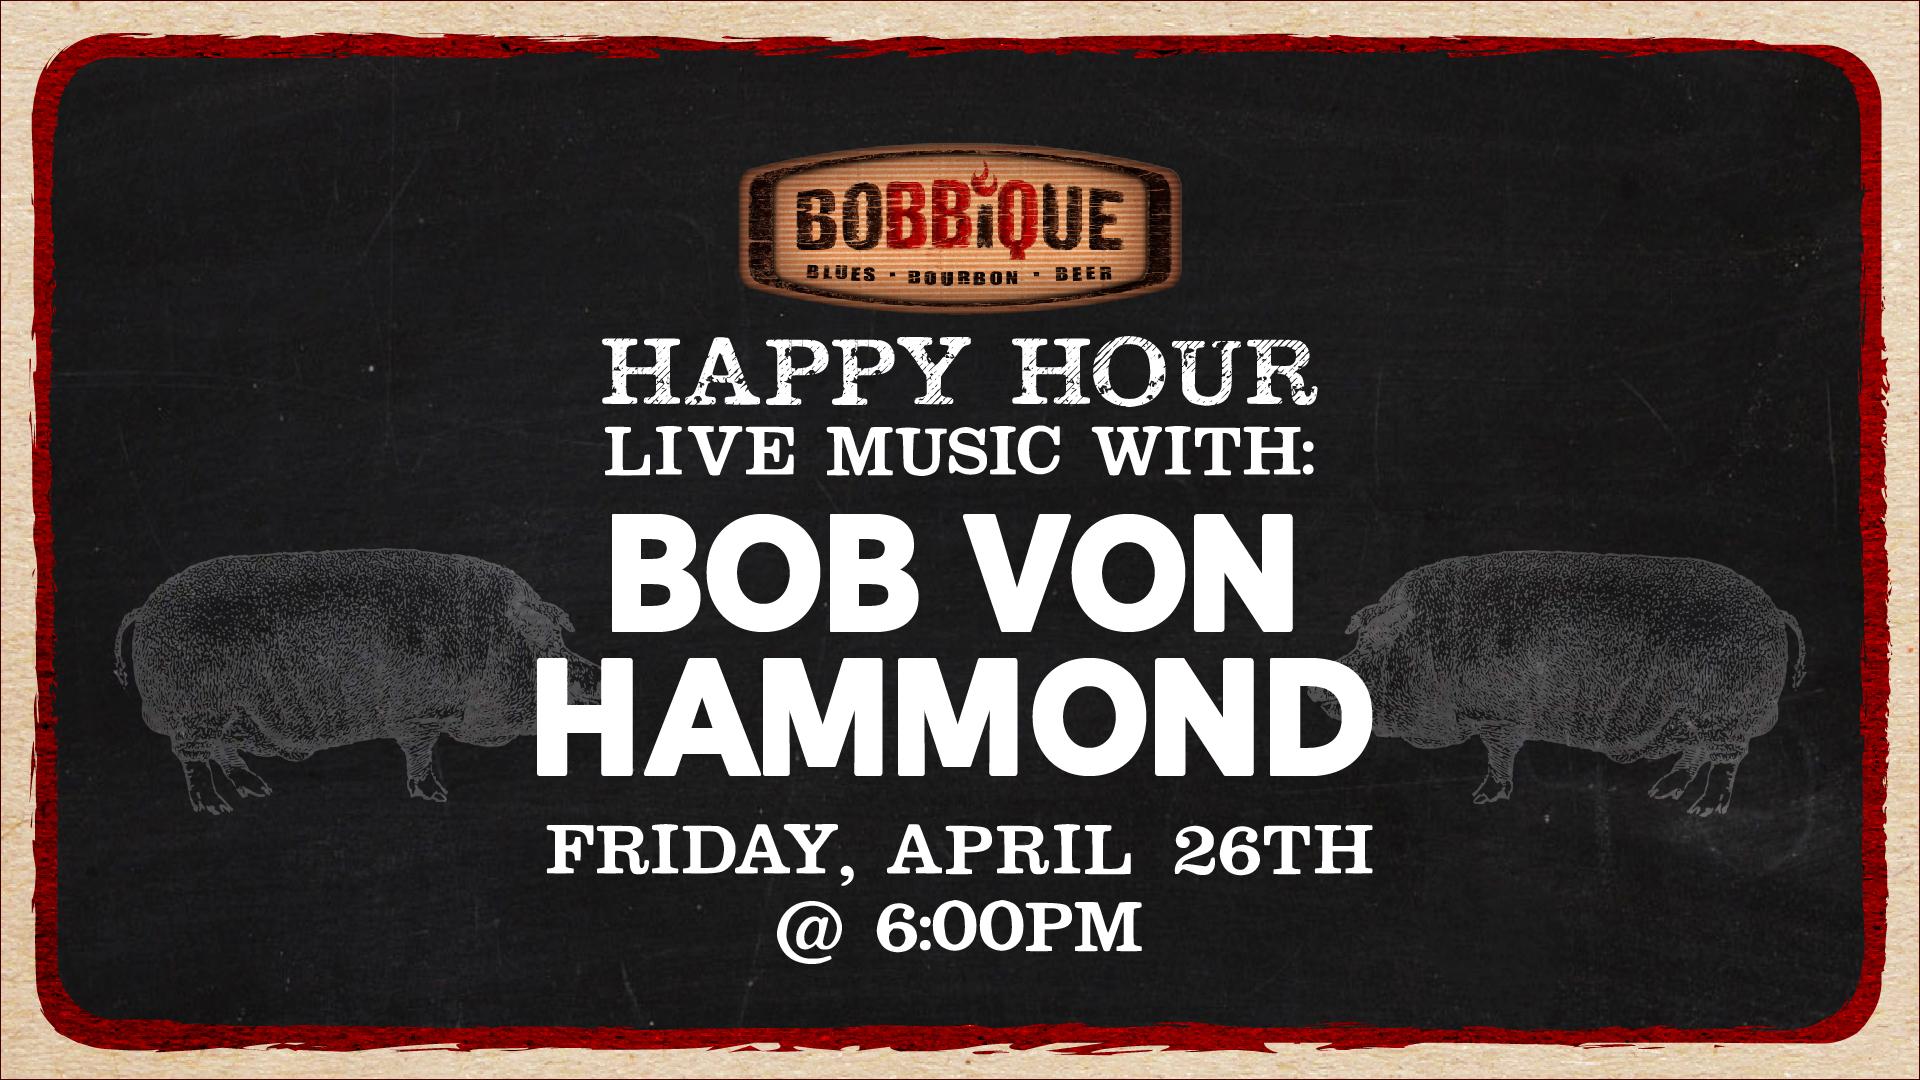 Happy Hour Live Music with Bob Von Hammond